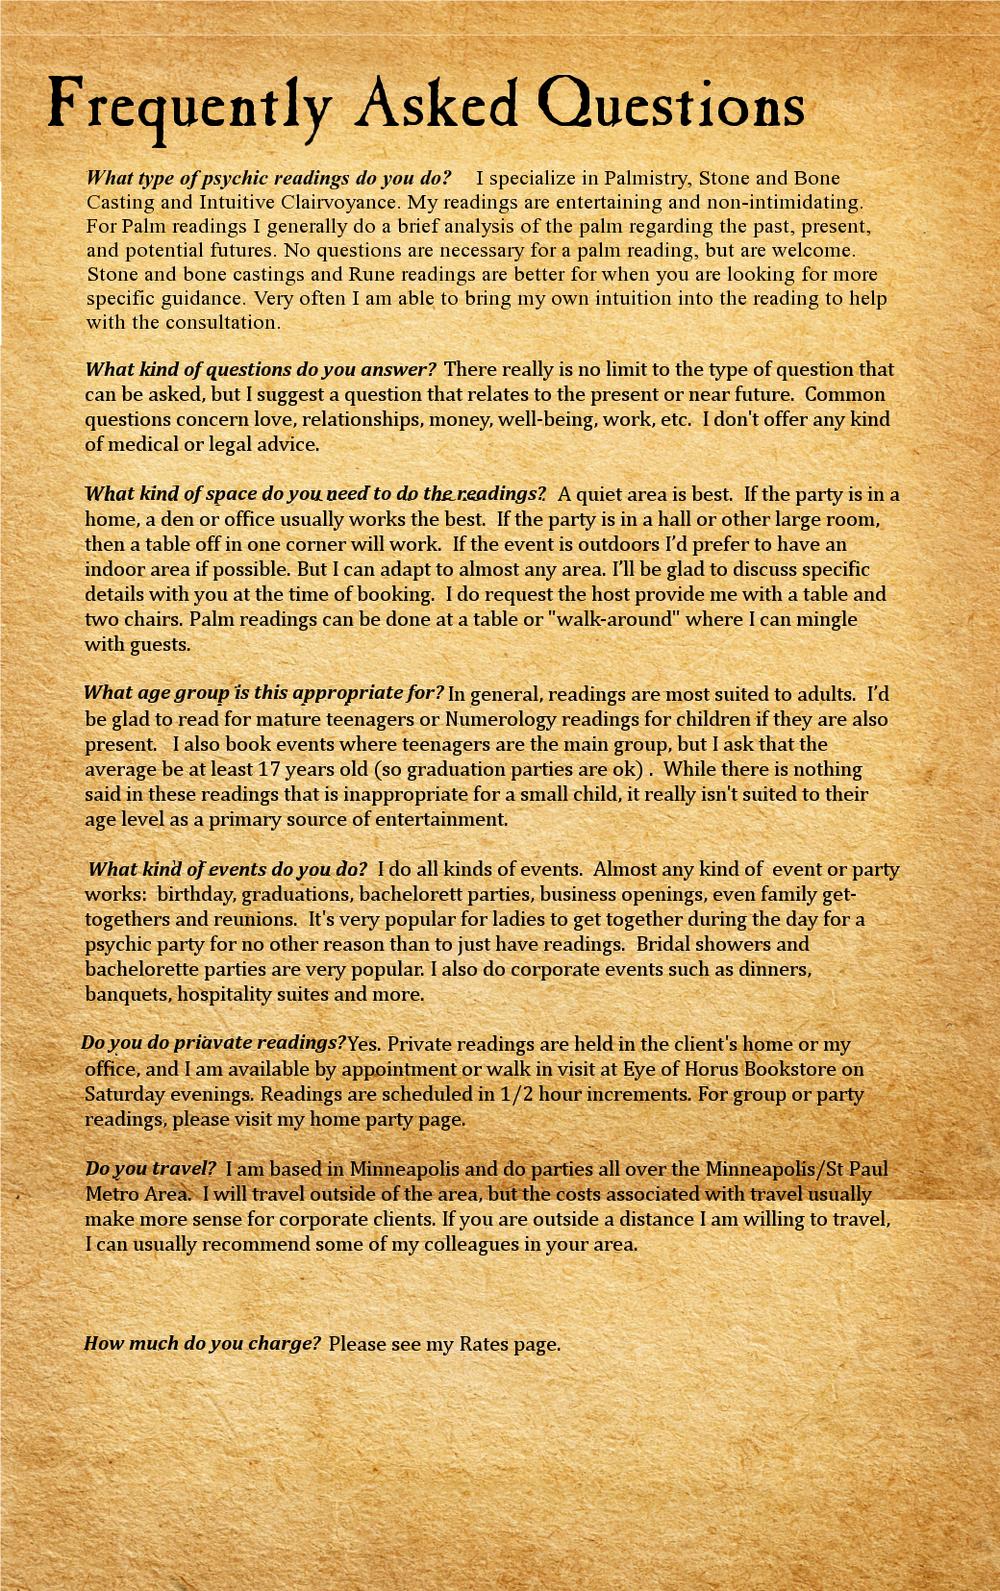 parchment FAQII.jpg